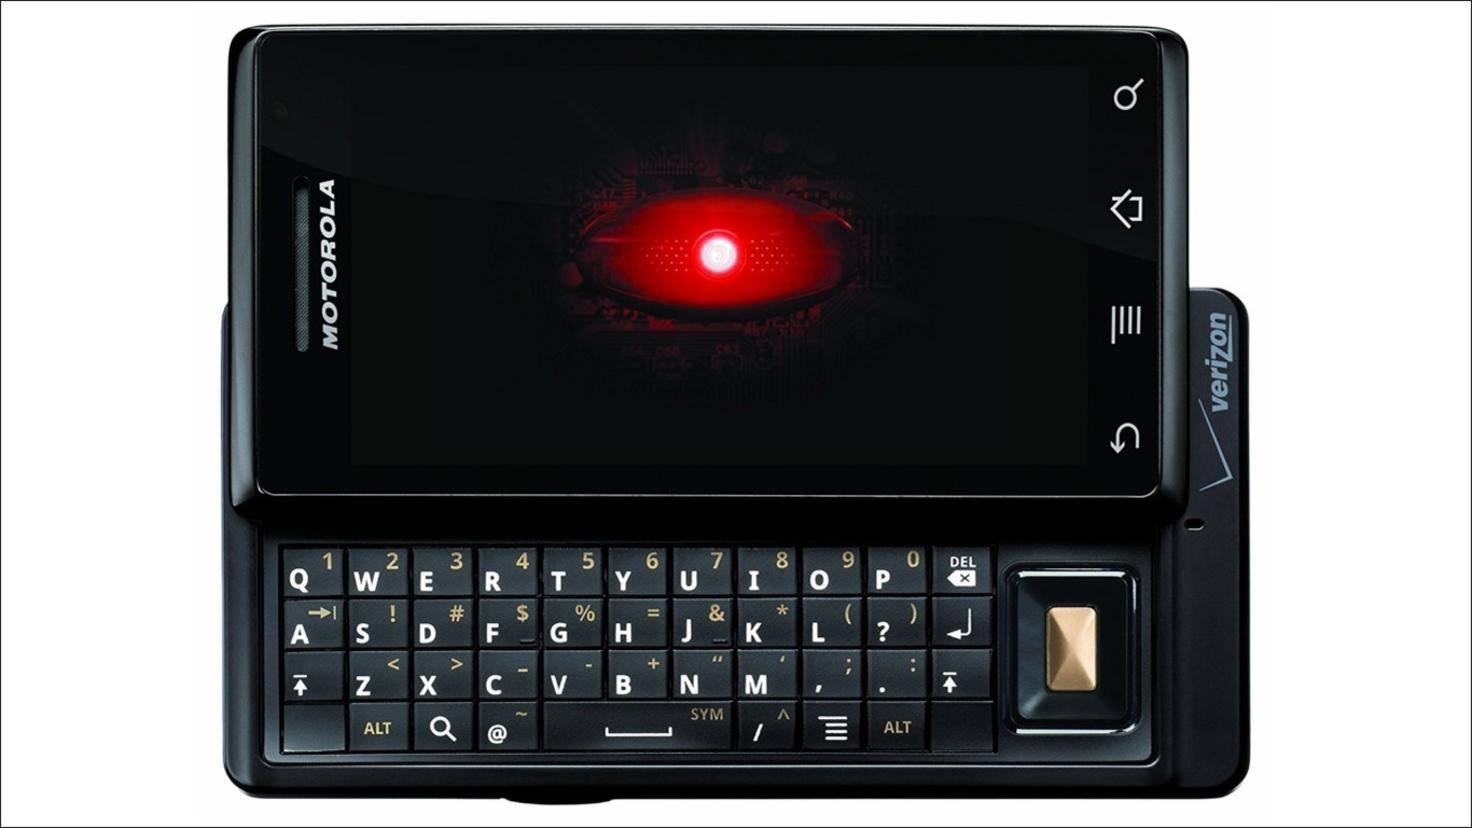 Motorola-Milestone-Droid